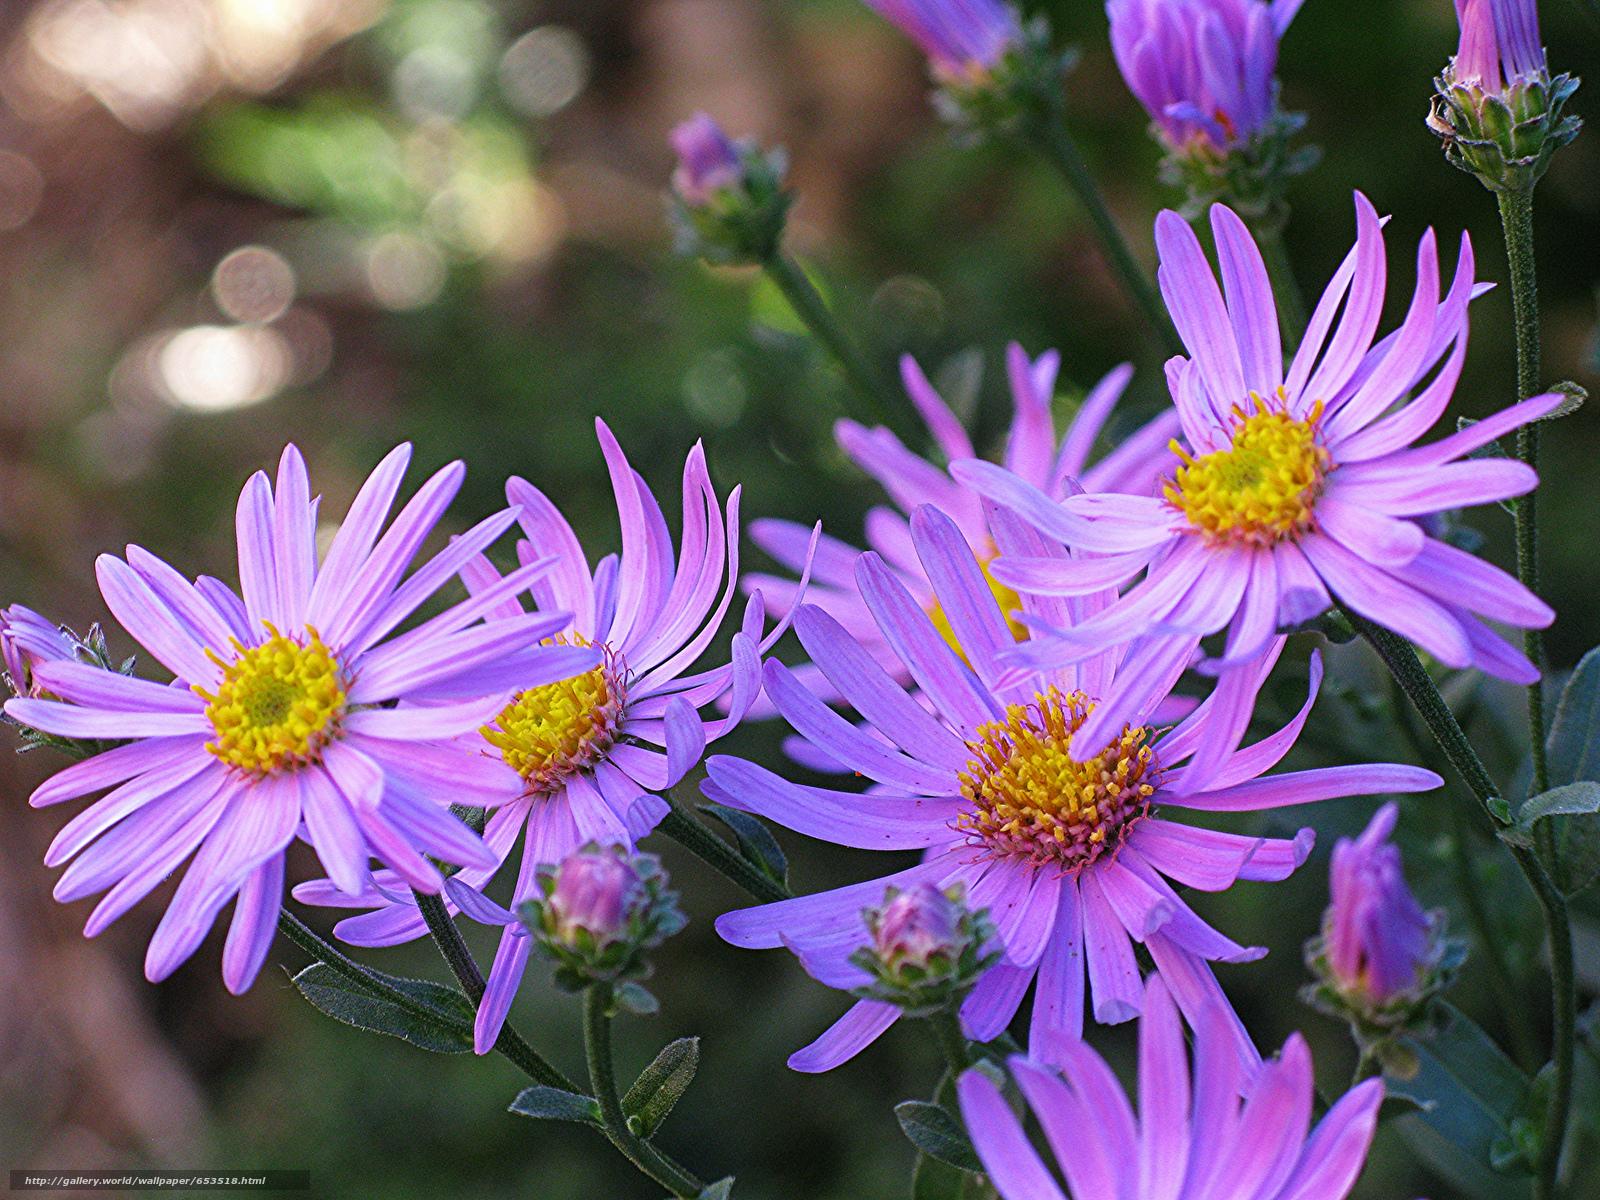 Скачать обои цветы,  цветок,  макро,  красивый цветок бесплатно для рабочего стола в разрешении 2048x1536 — картинка №653518